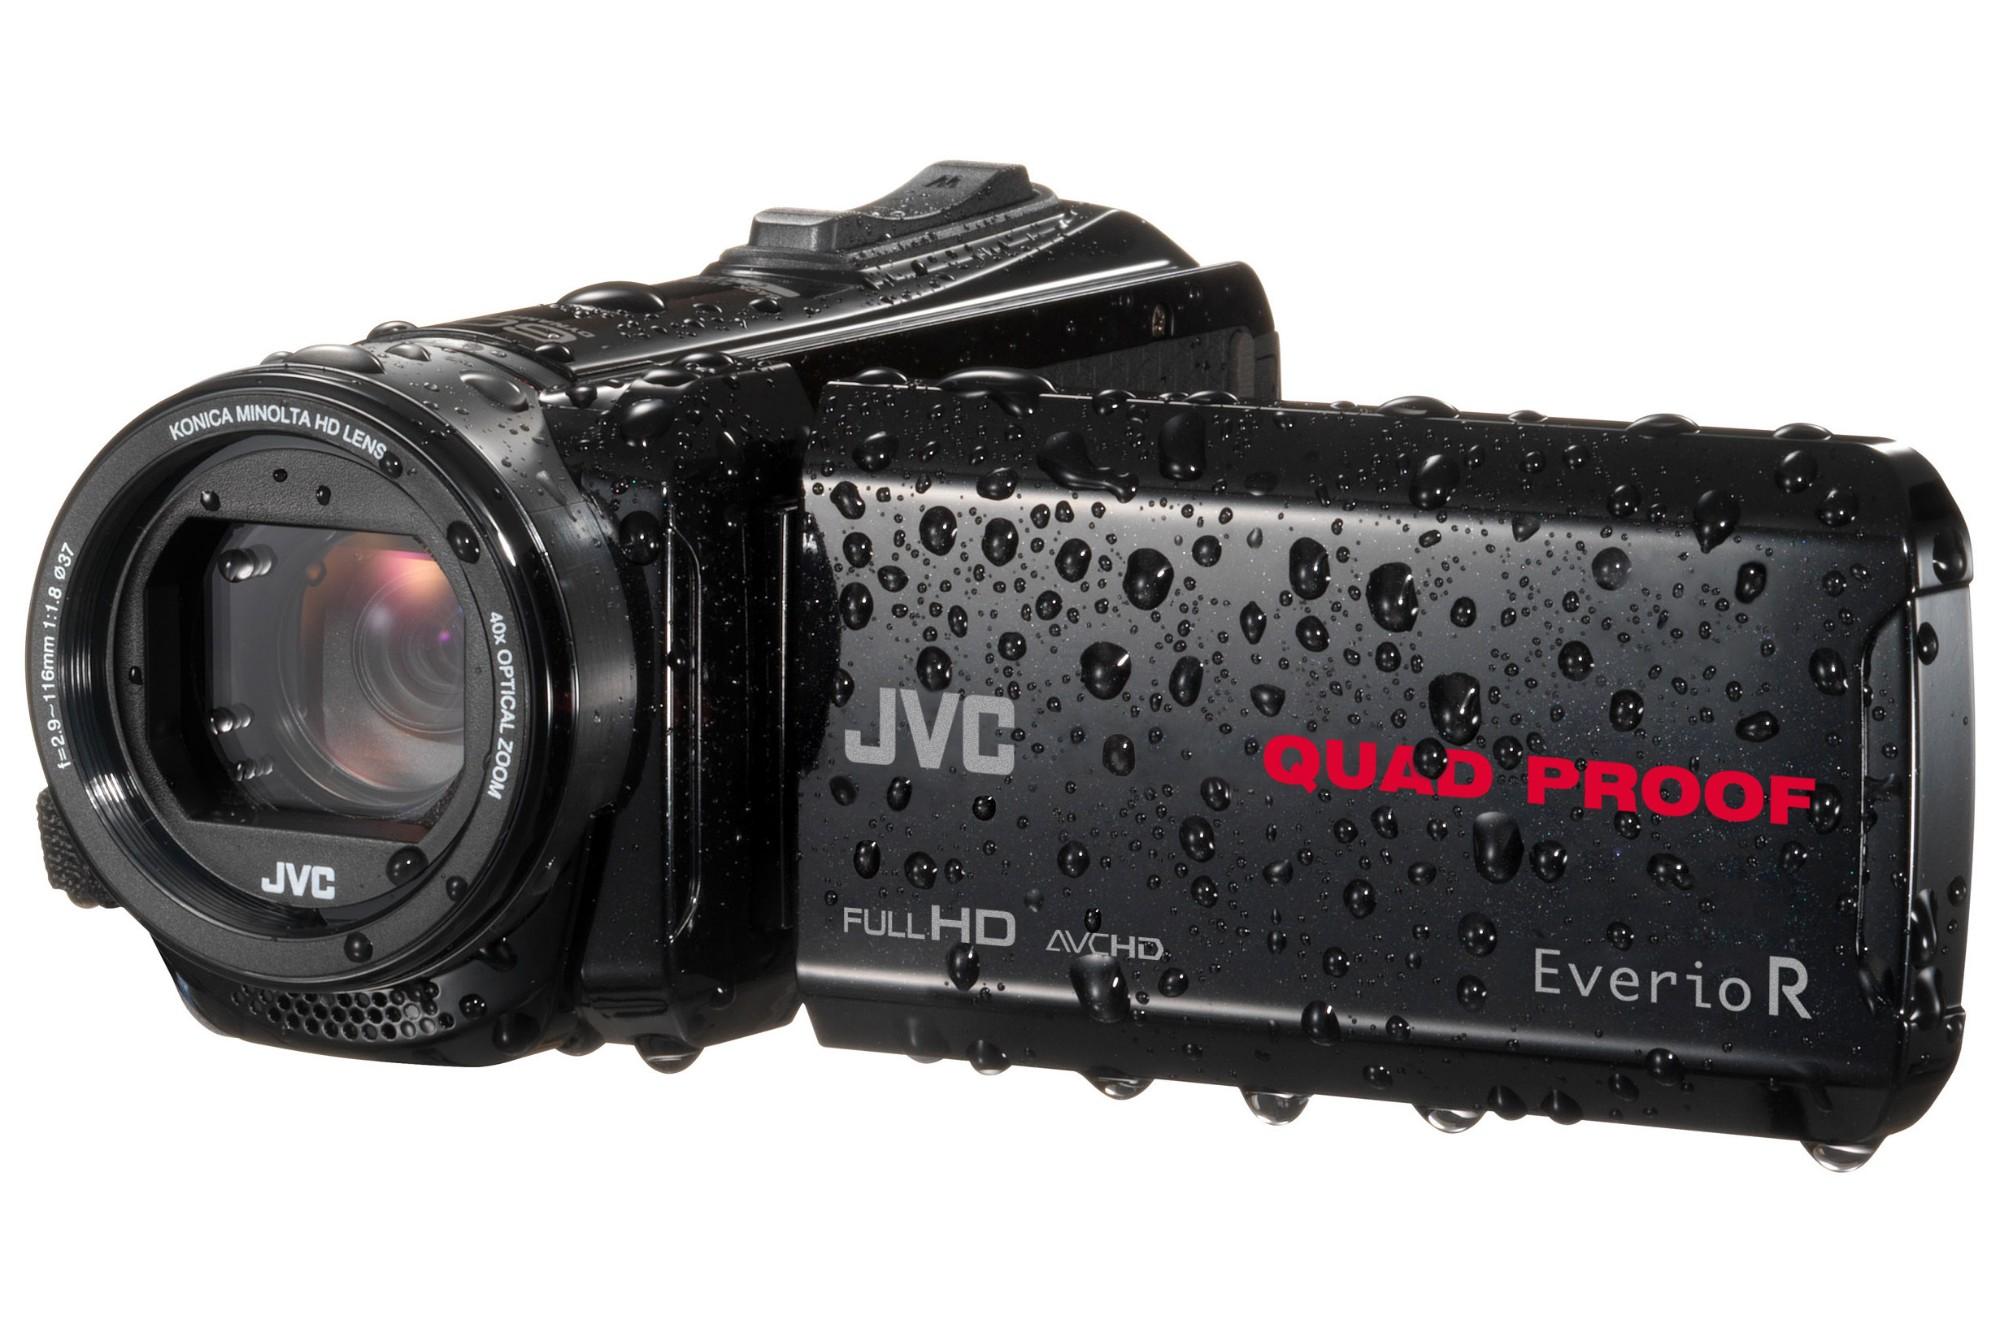 JVC EverioR GZ-R435BEK Digital Camcorder